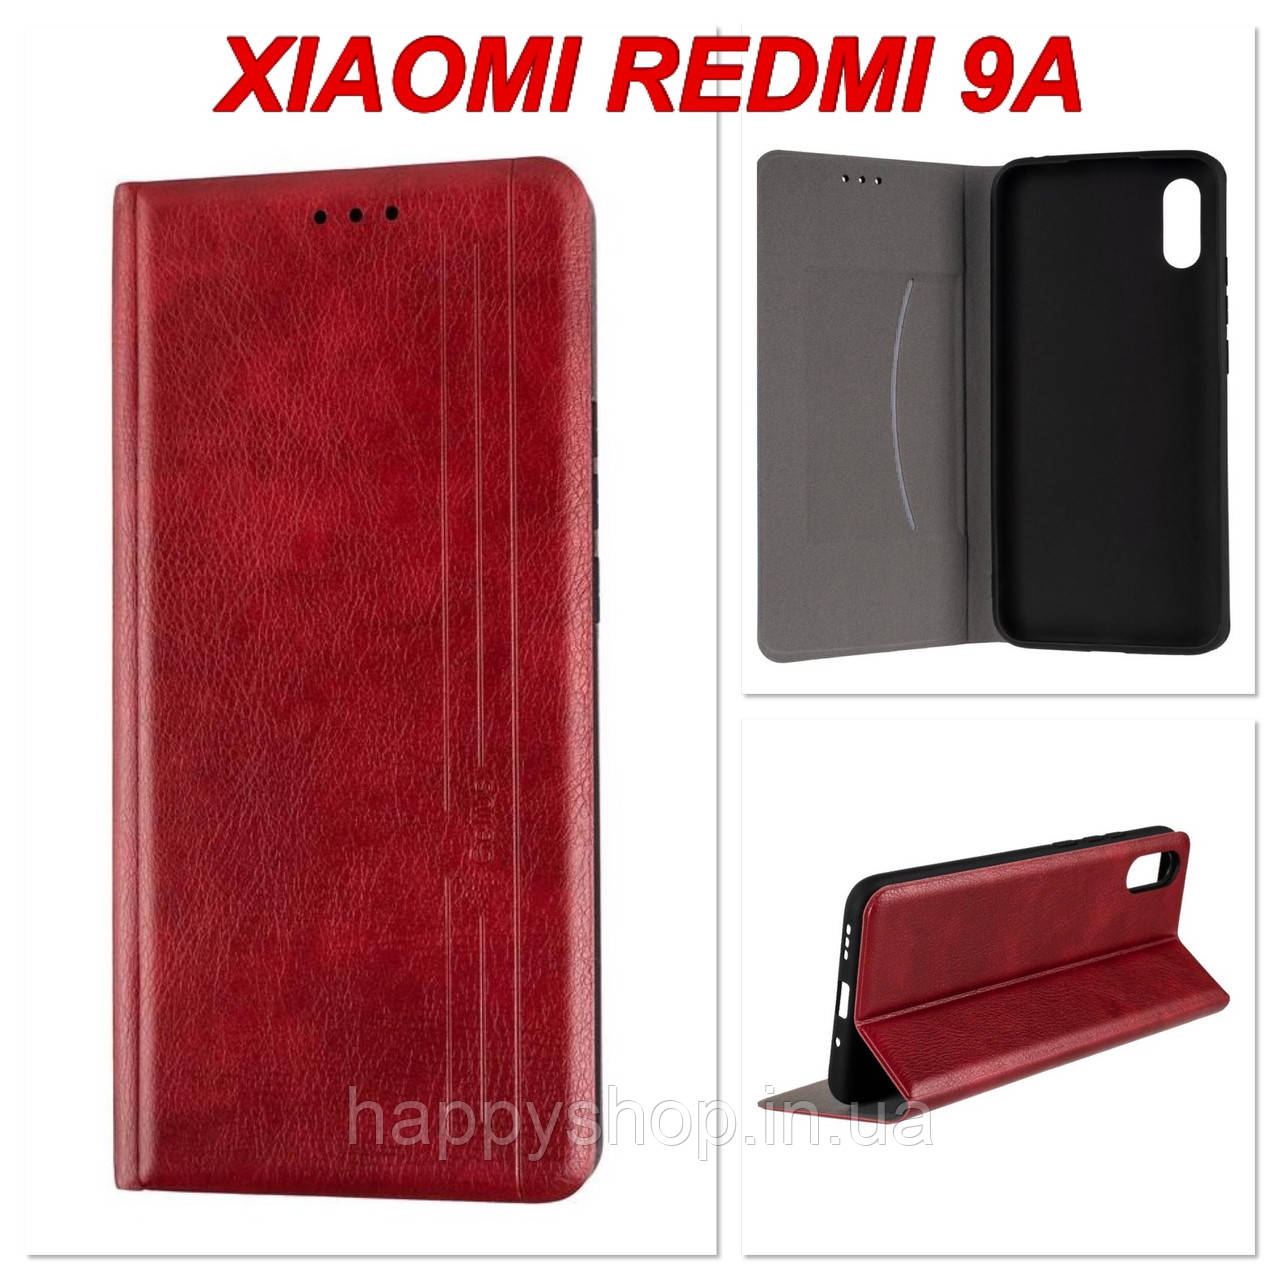 Чехол-книжка Gelius Leather New для Xiaomi Redmi 9A (Красный)